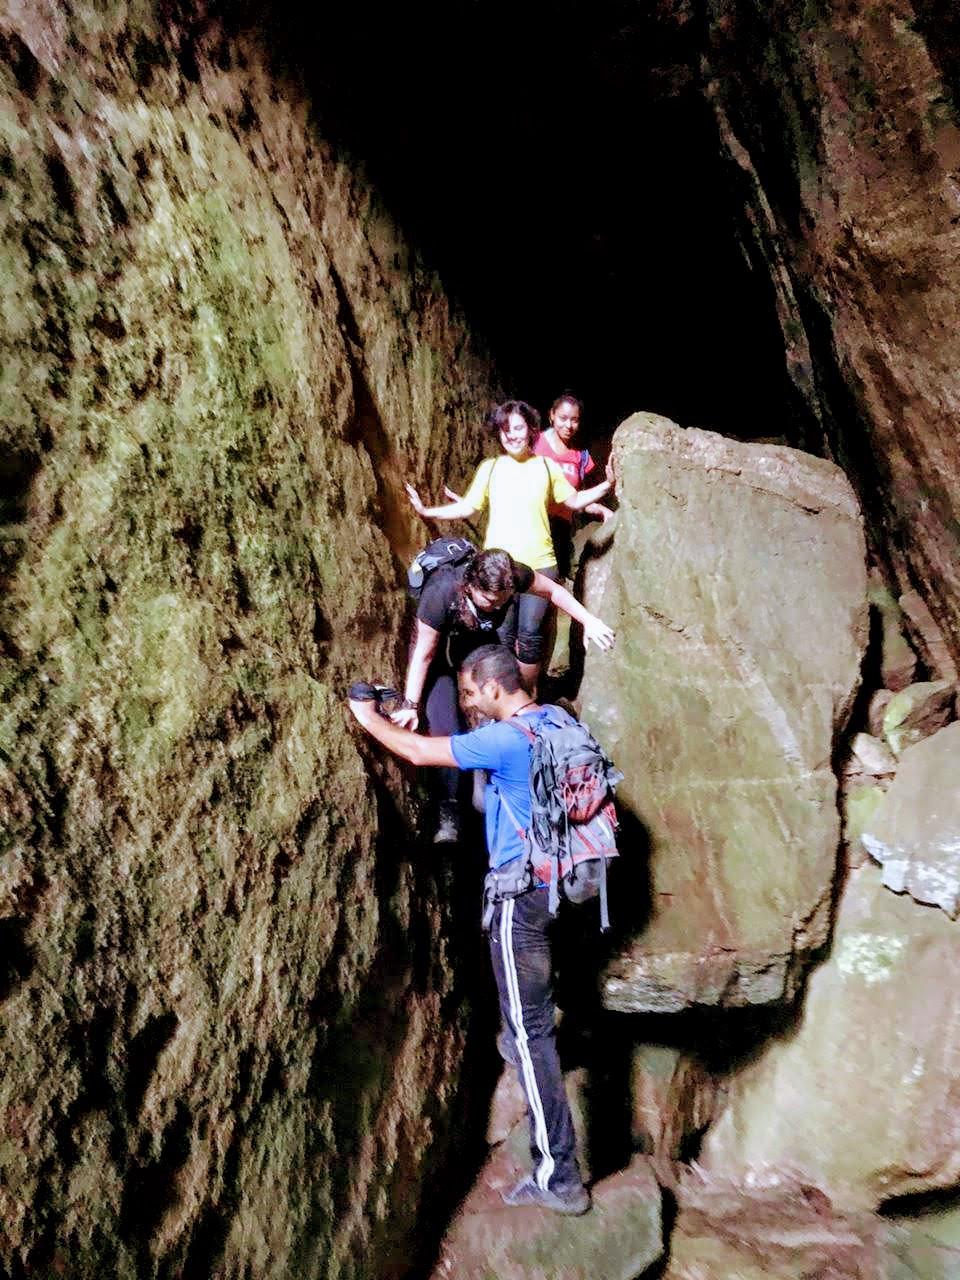 quatro pessoas dentro de uma gruta escalando